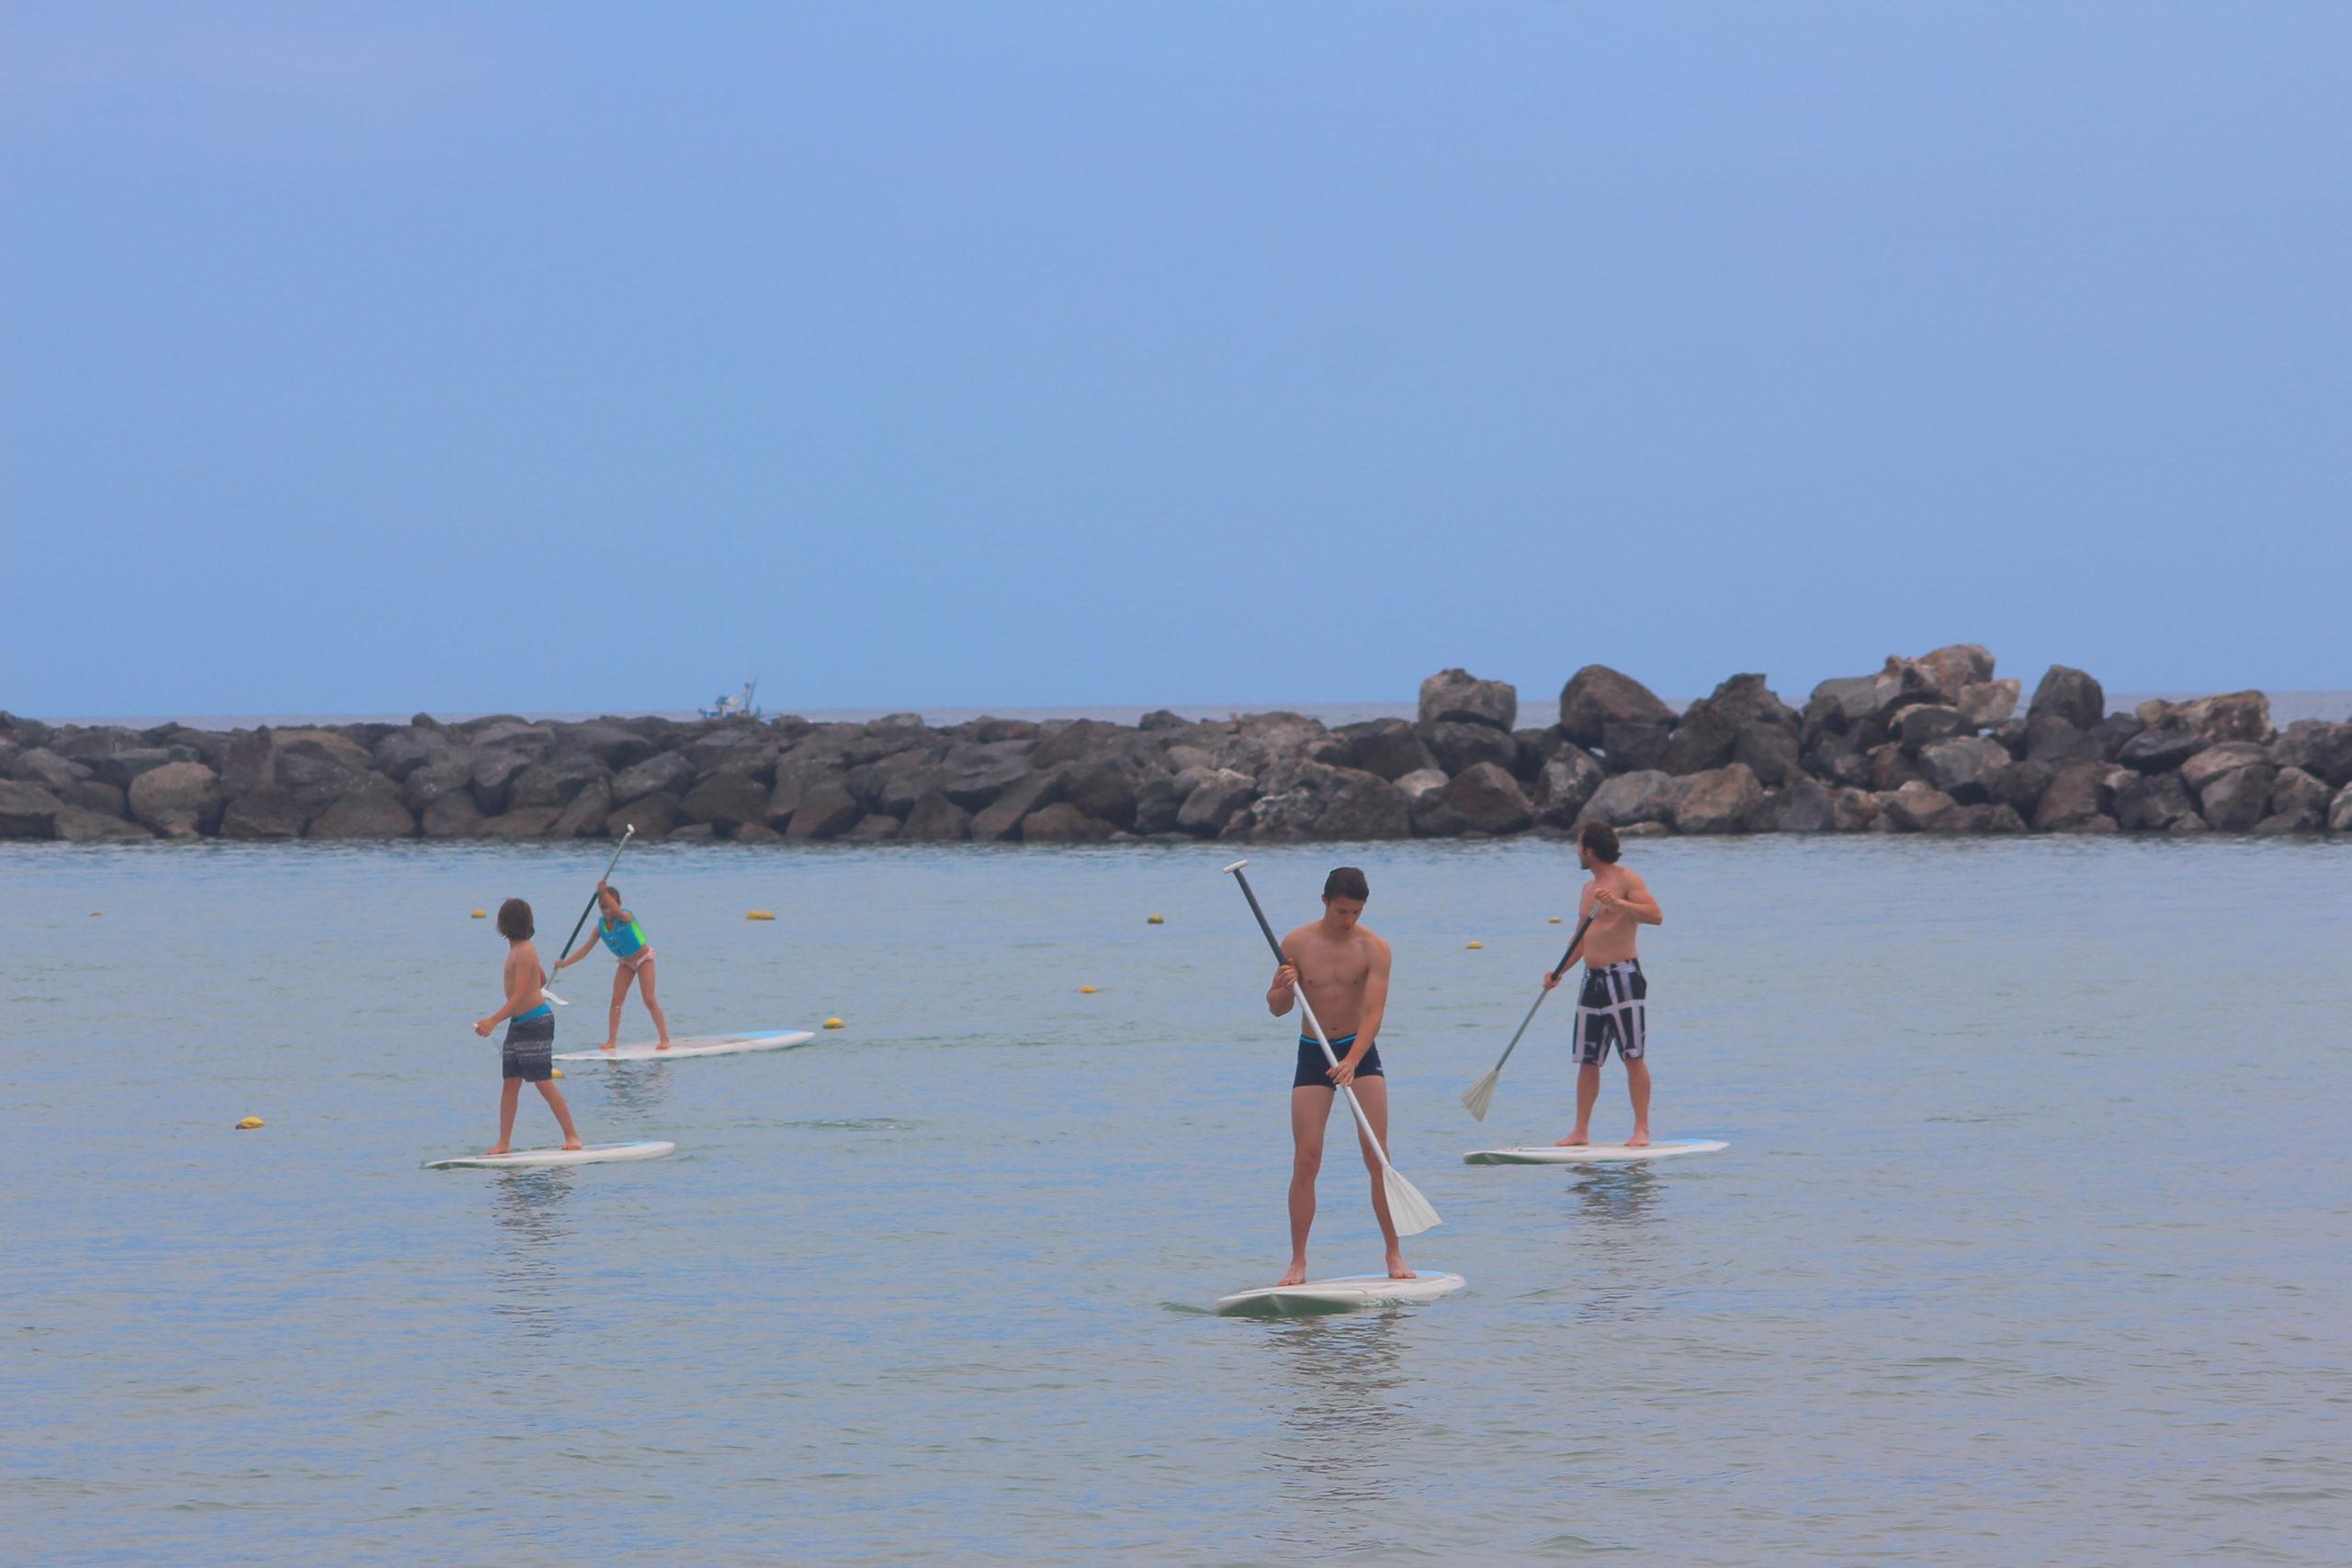 ludzie na deskach surfingowych